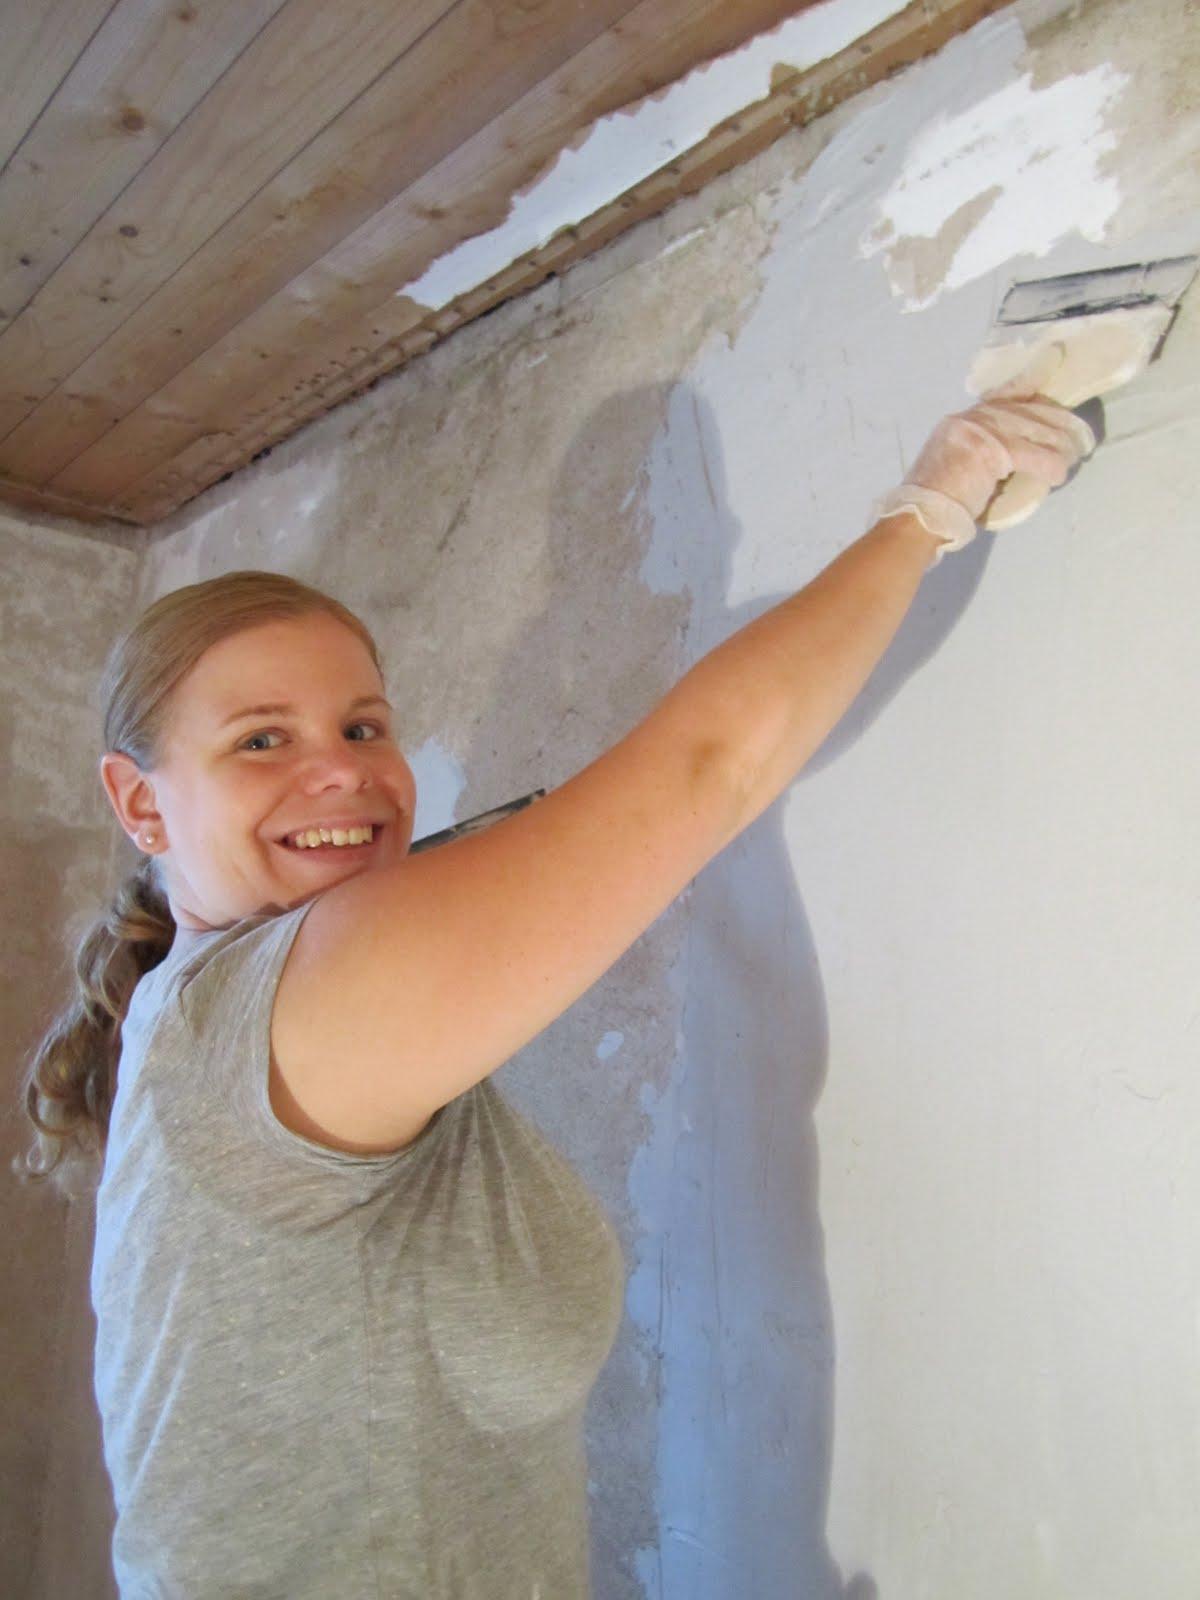 spackling av vägg